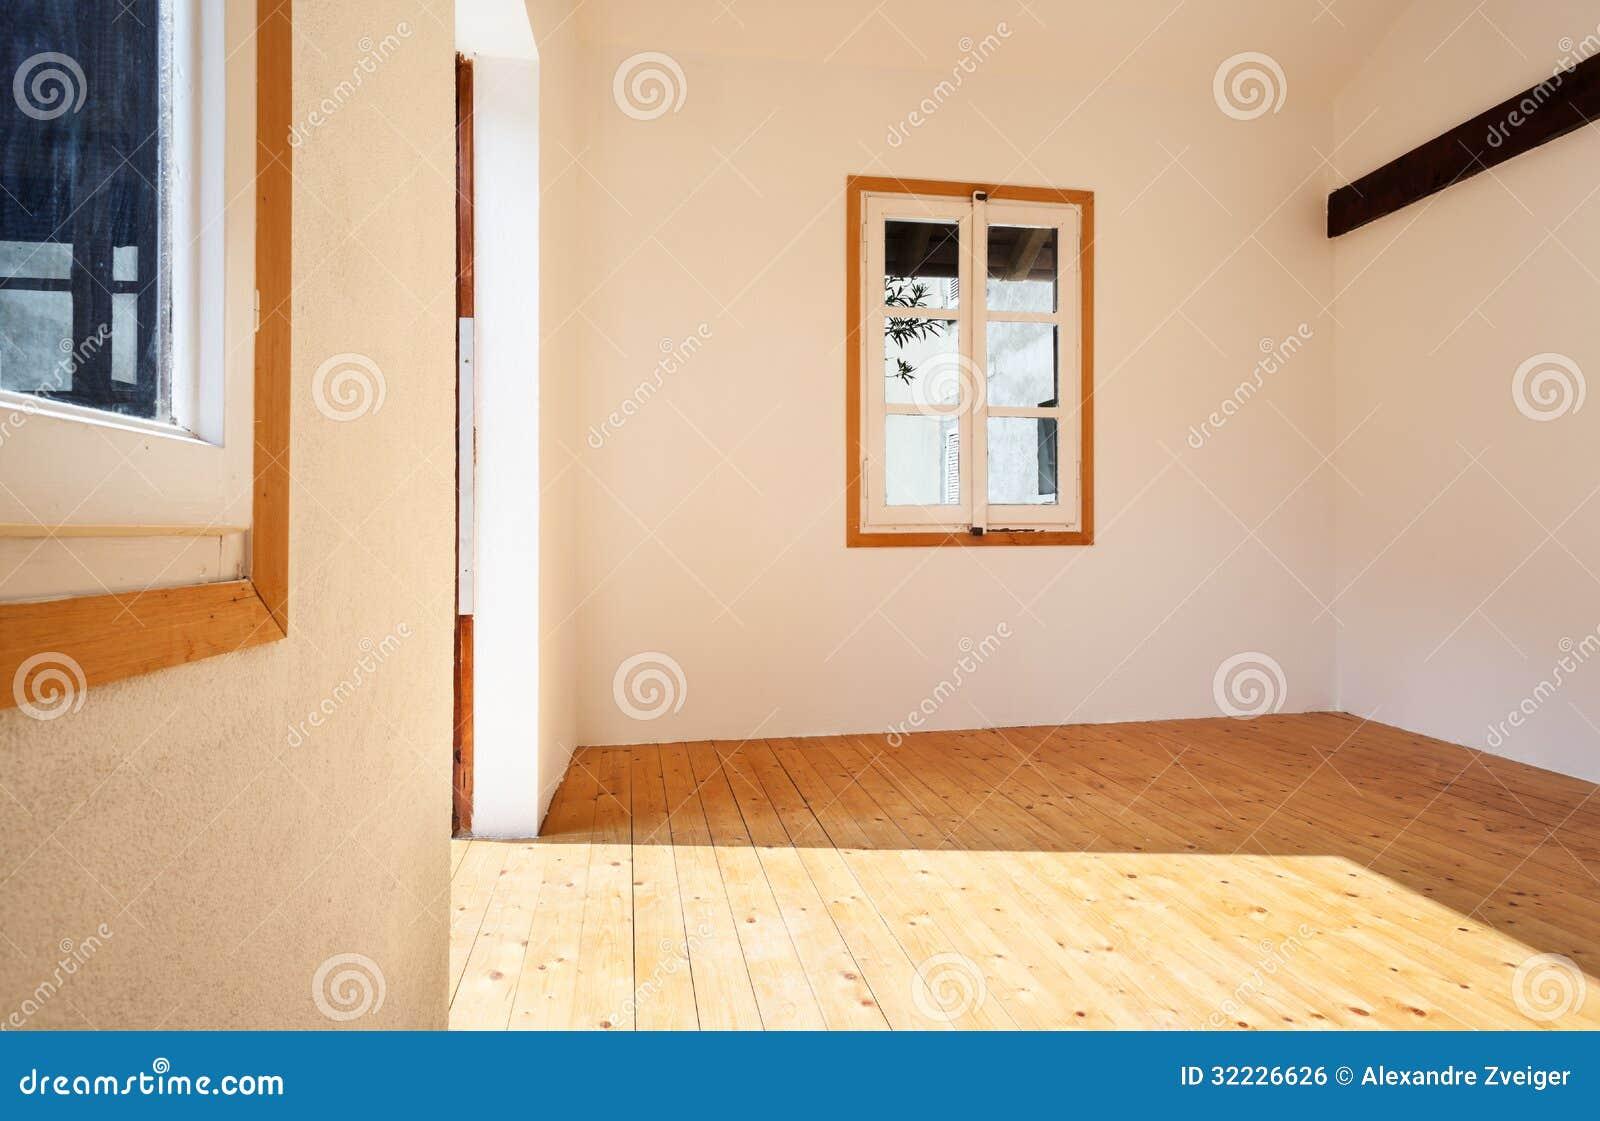 Download Casa rústica interior foto de stock. Imagem de arquitetura - 32226626